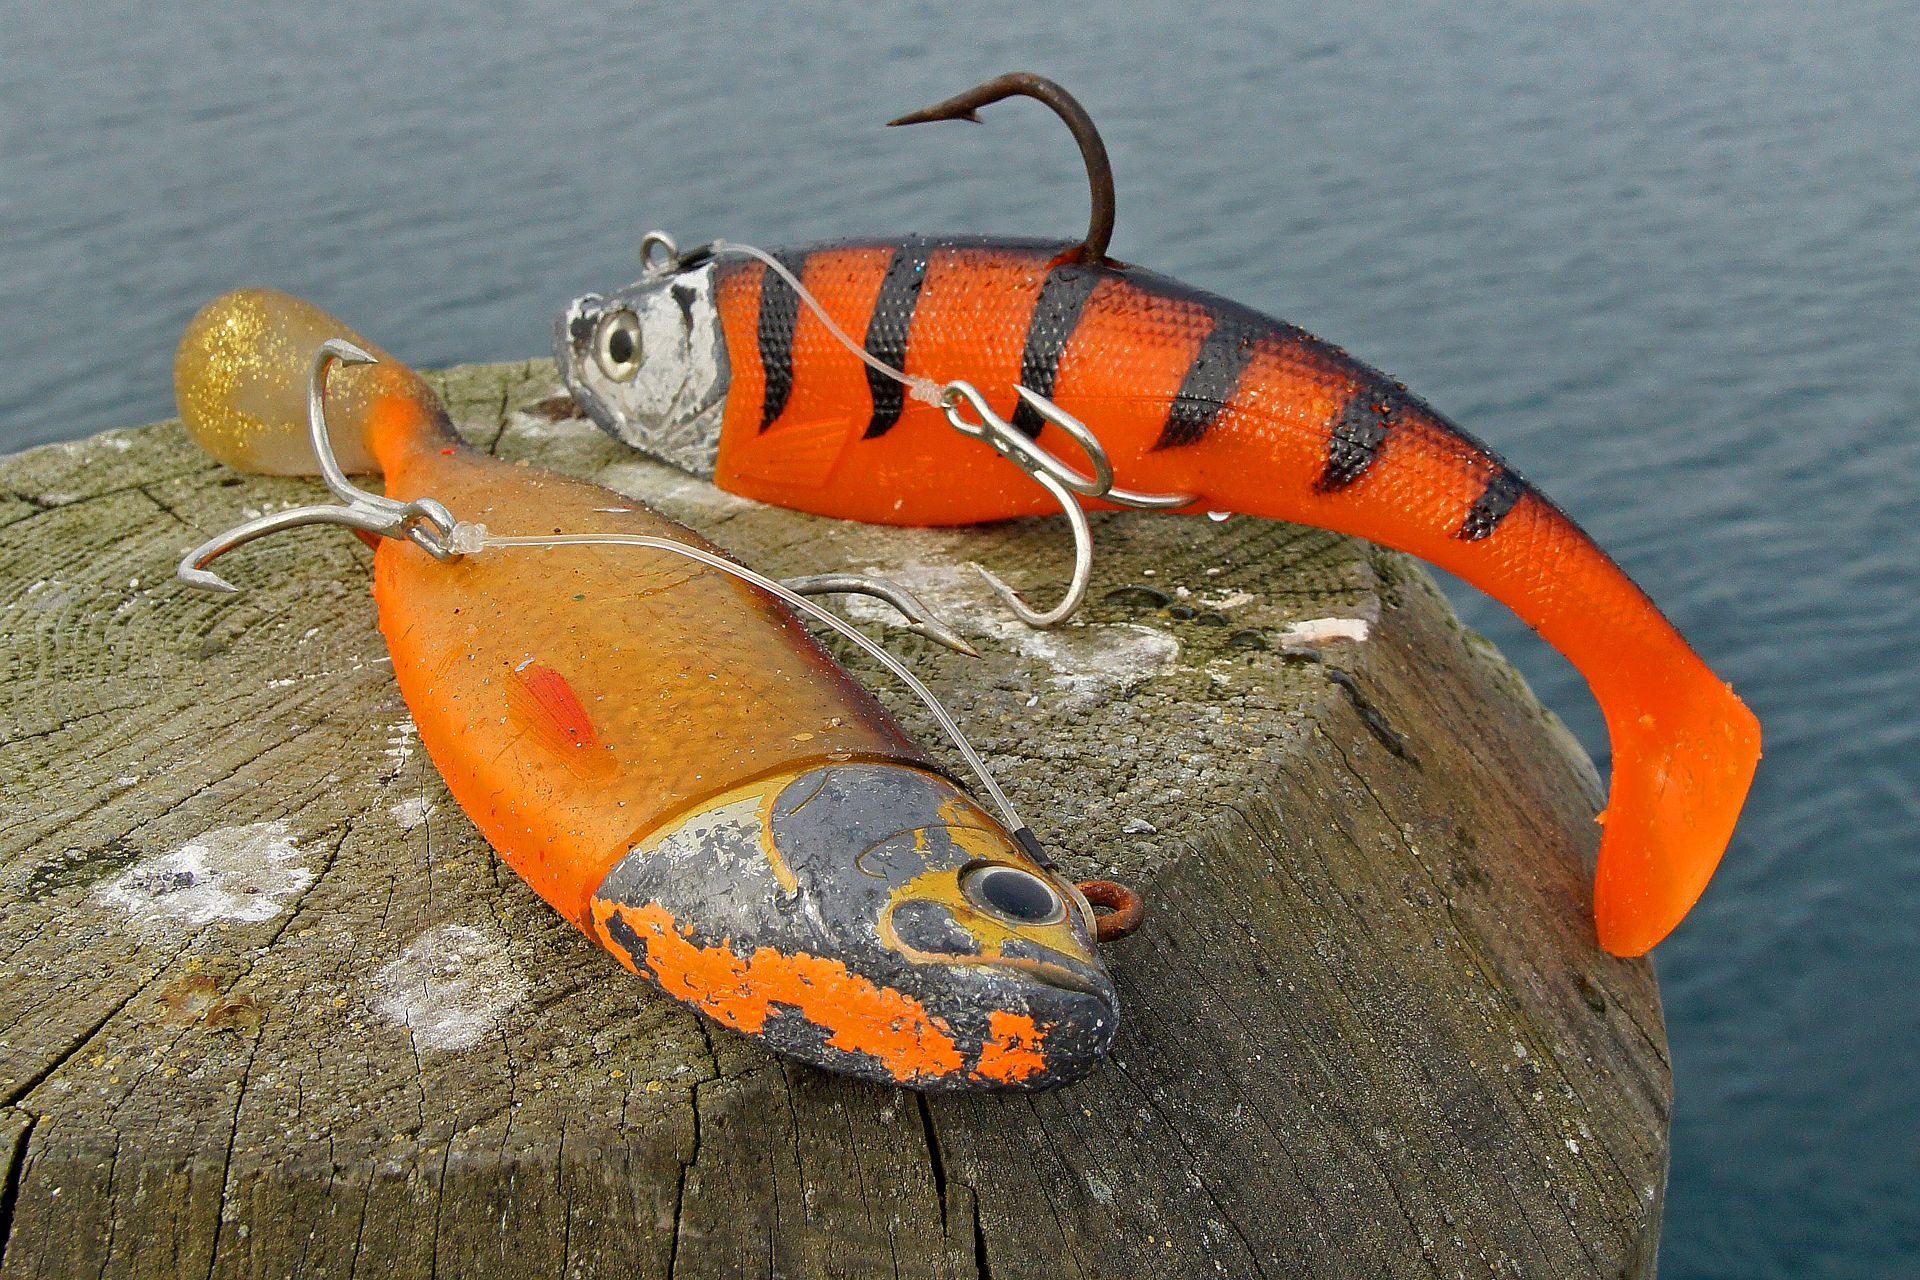 Gummifischangeln in Norwegen | Norwegen angeln, Fische und